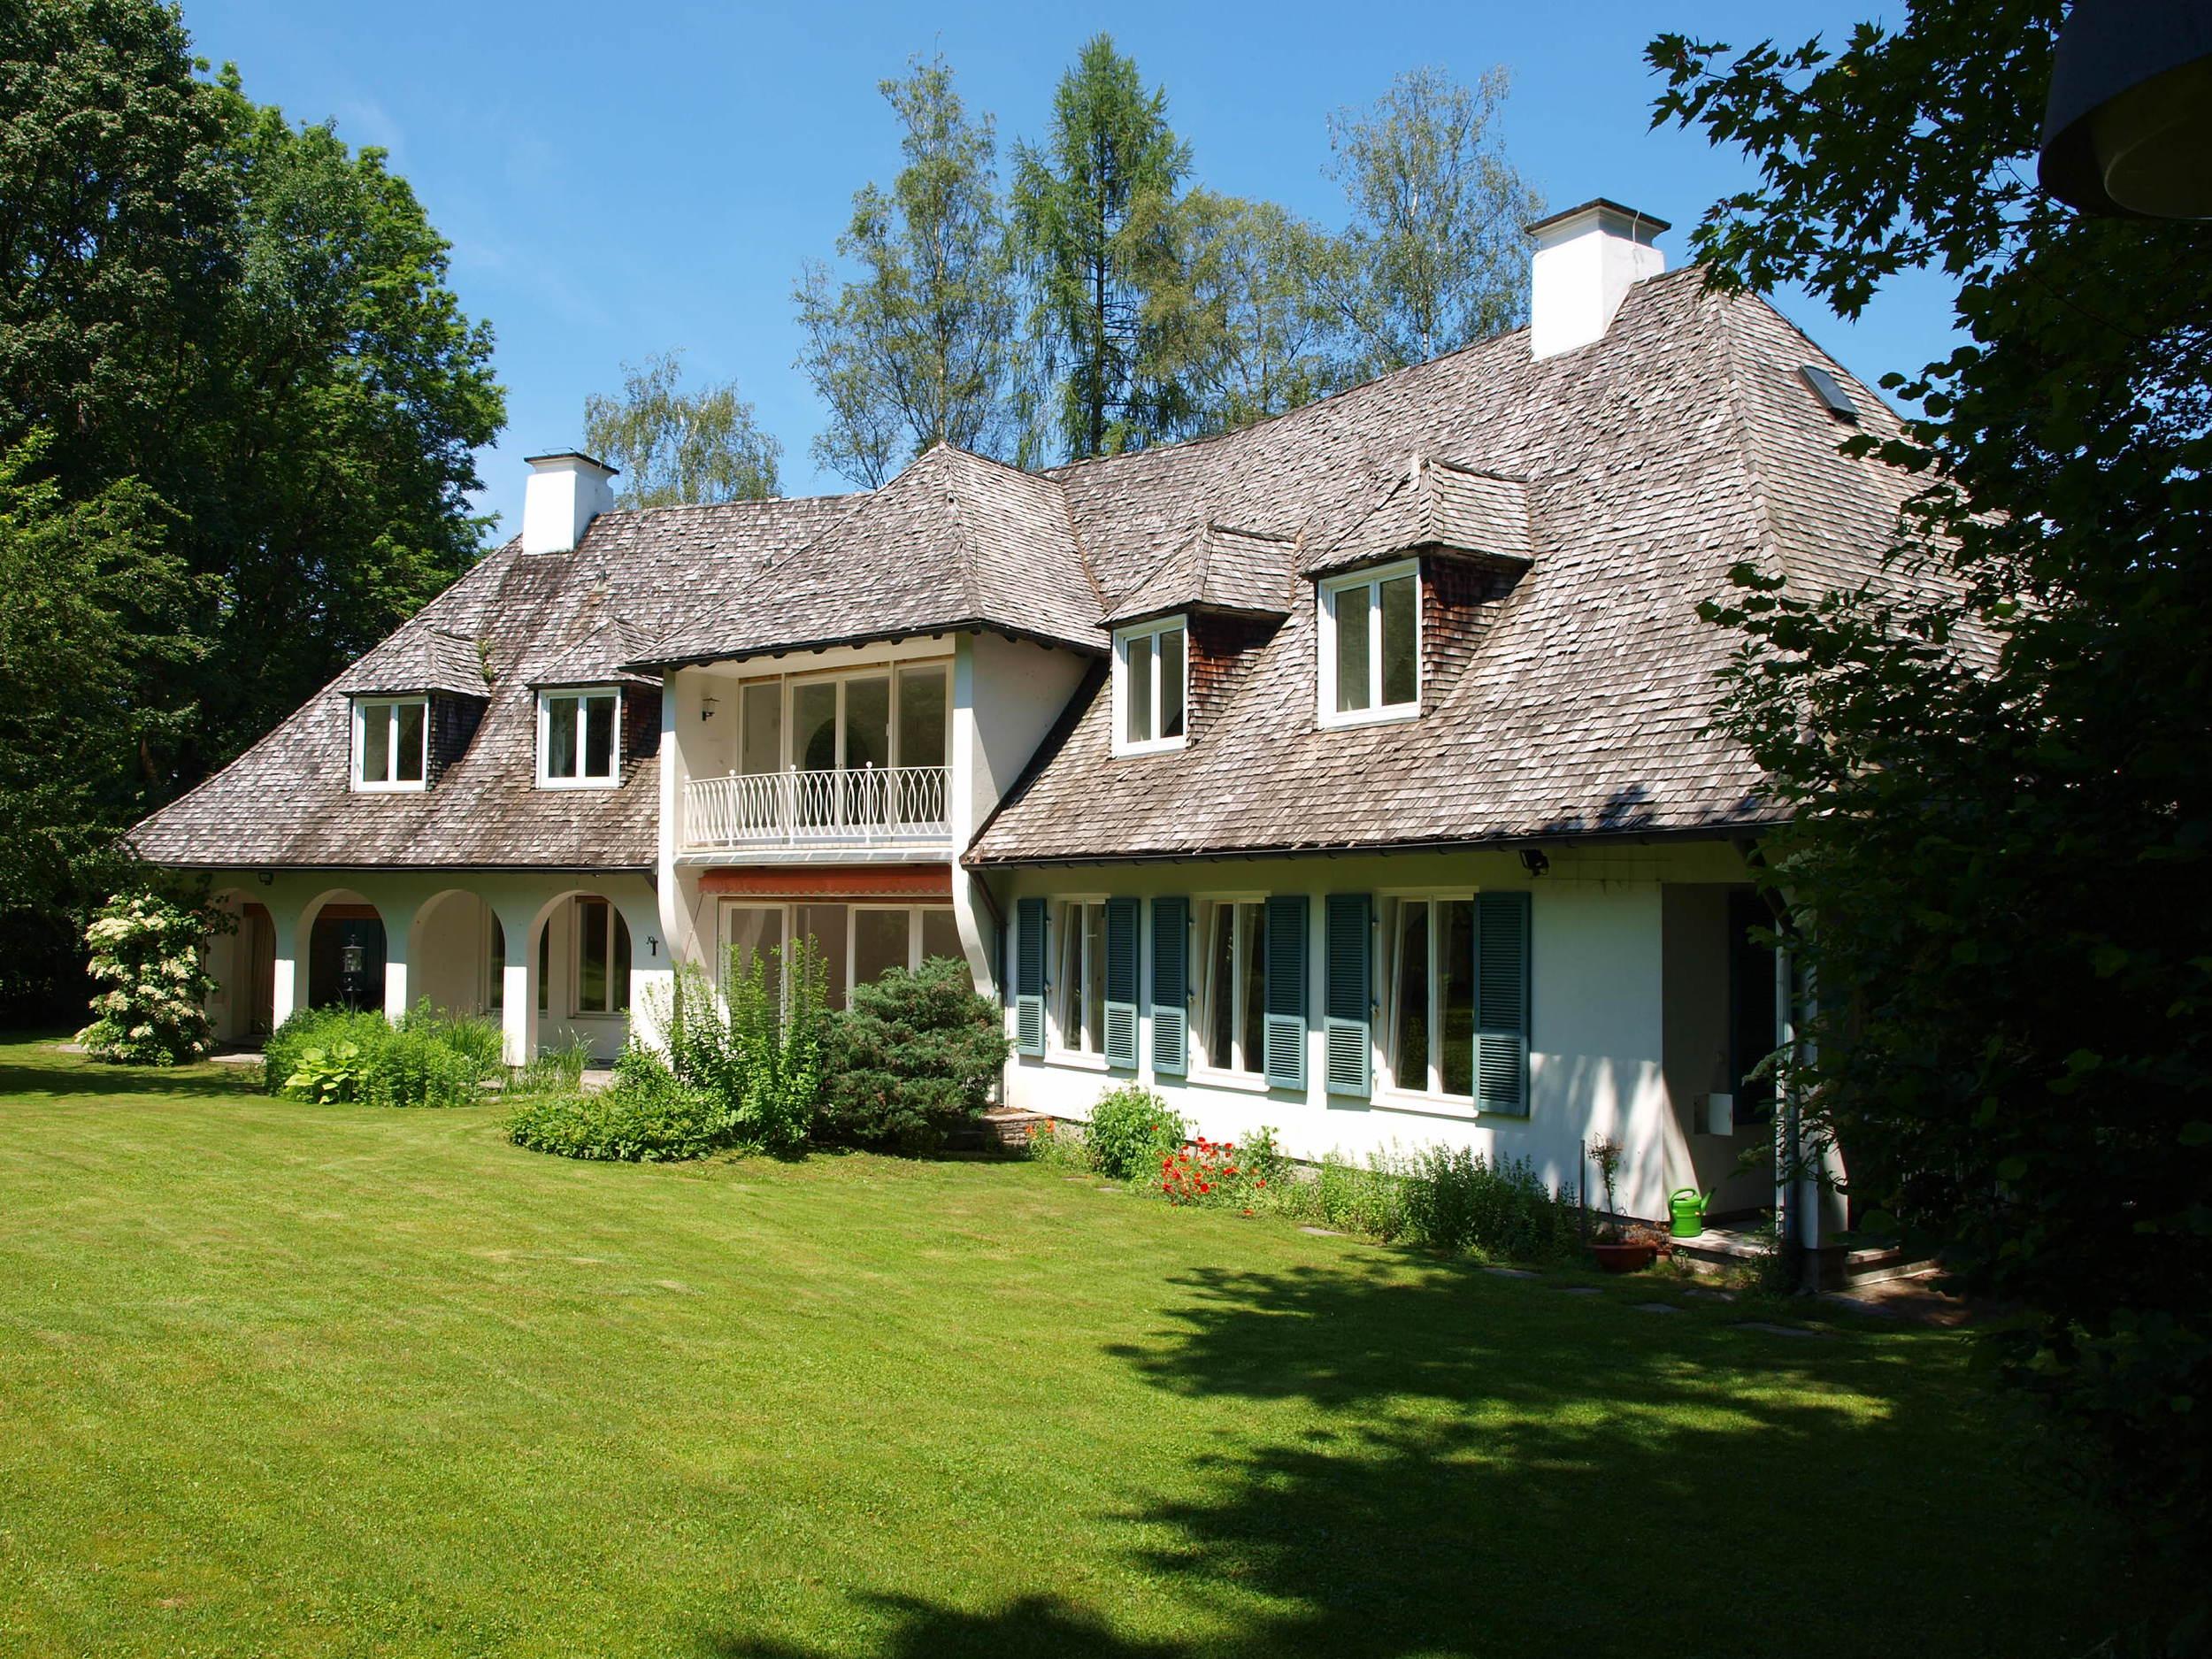 Feist-Villa Haubenschloß.jpg